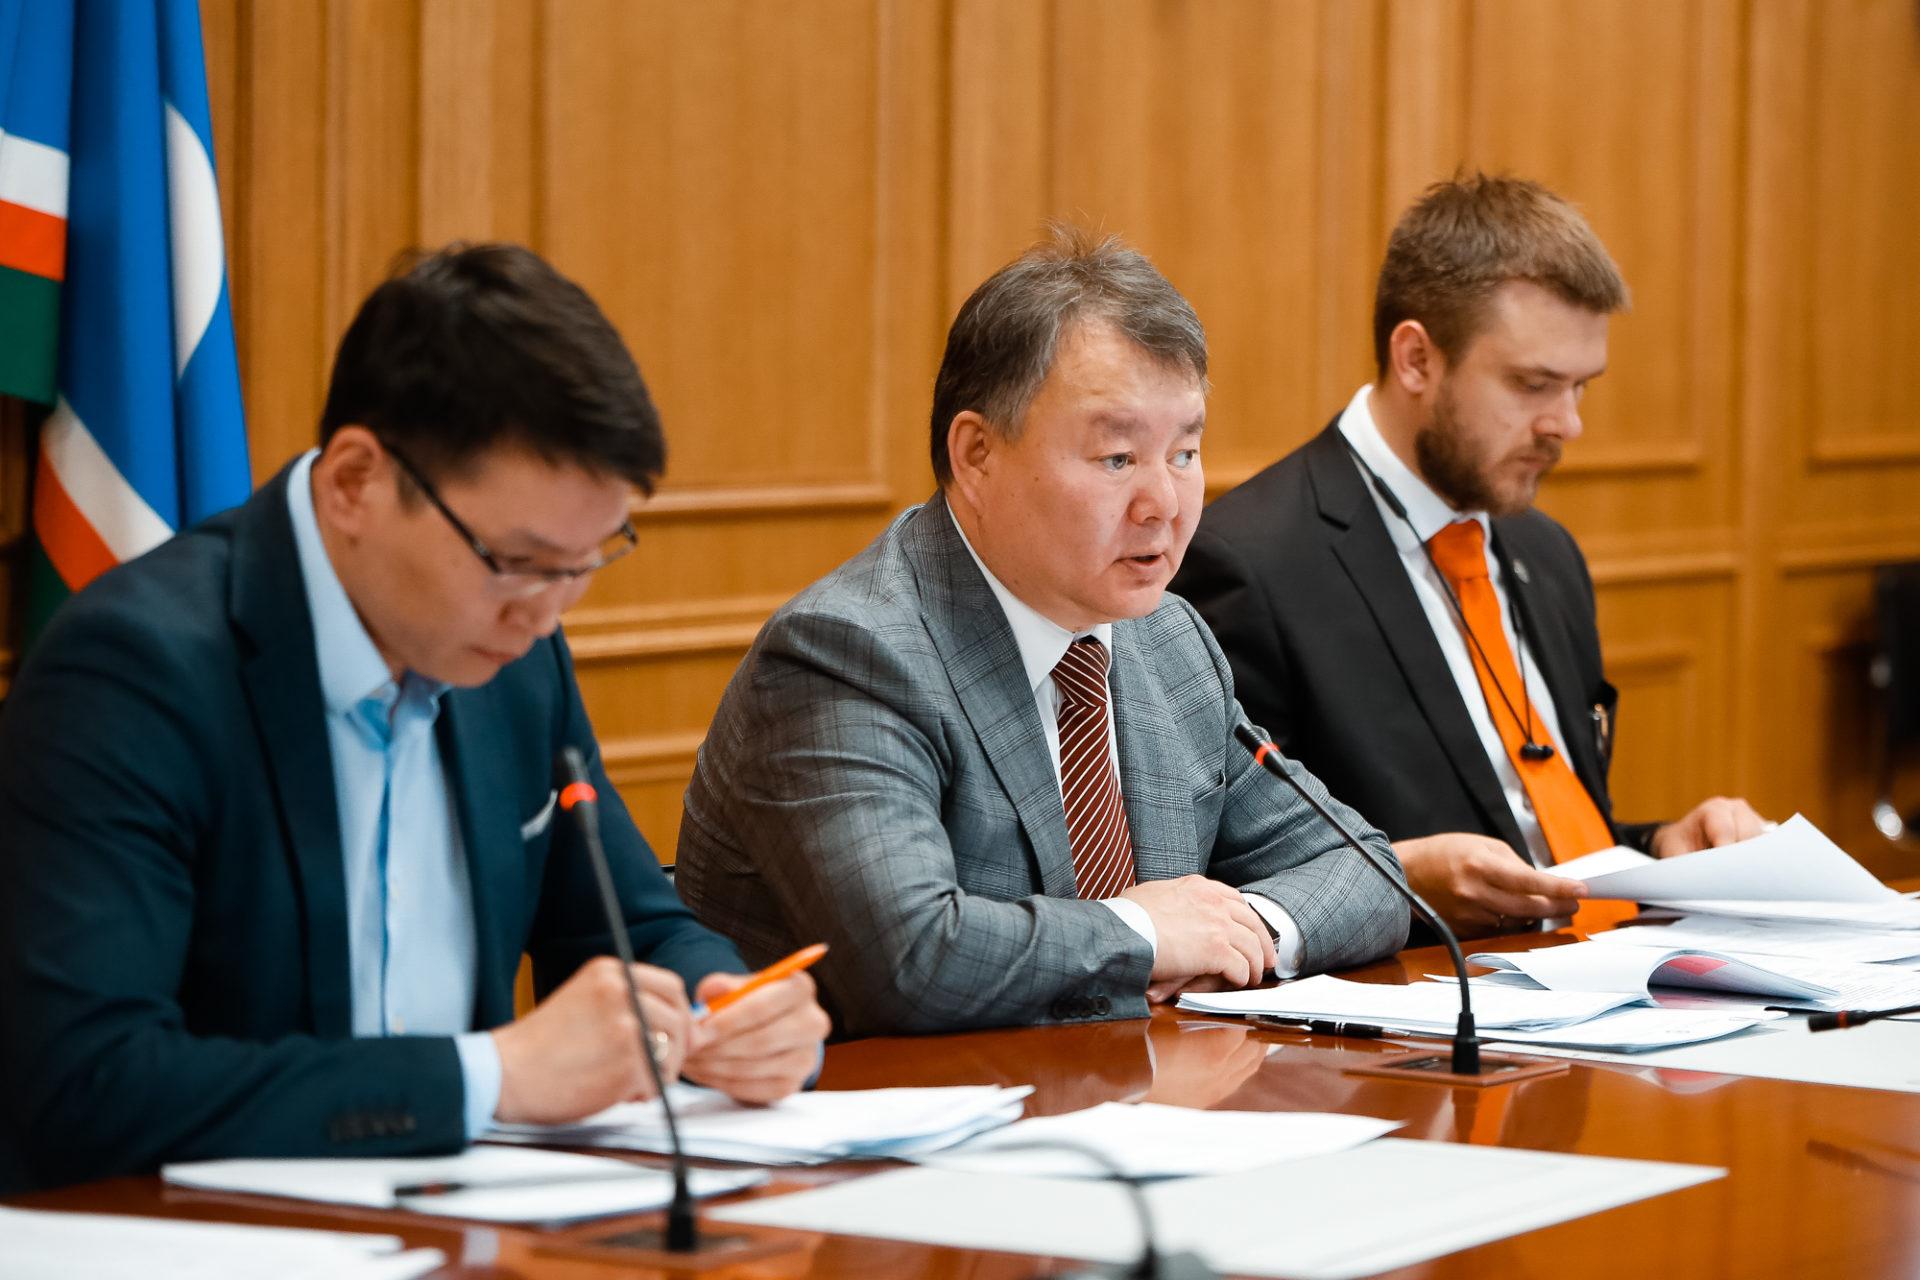 Муниципальные образования Западной Якутии представят свои проекты на Инвестиционном форуме